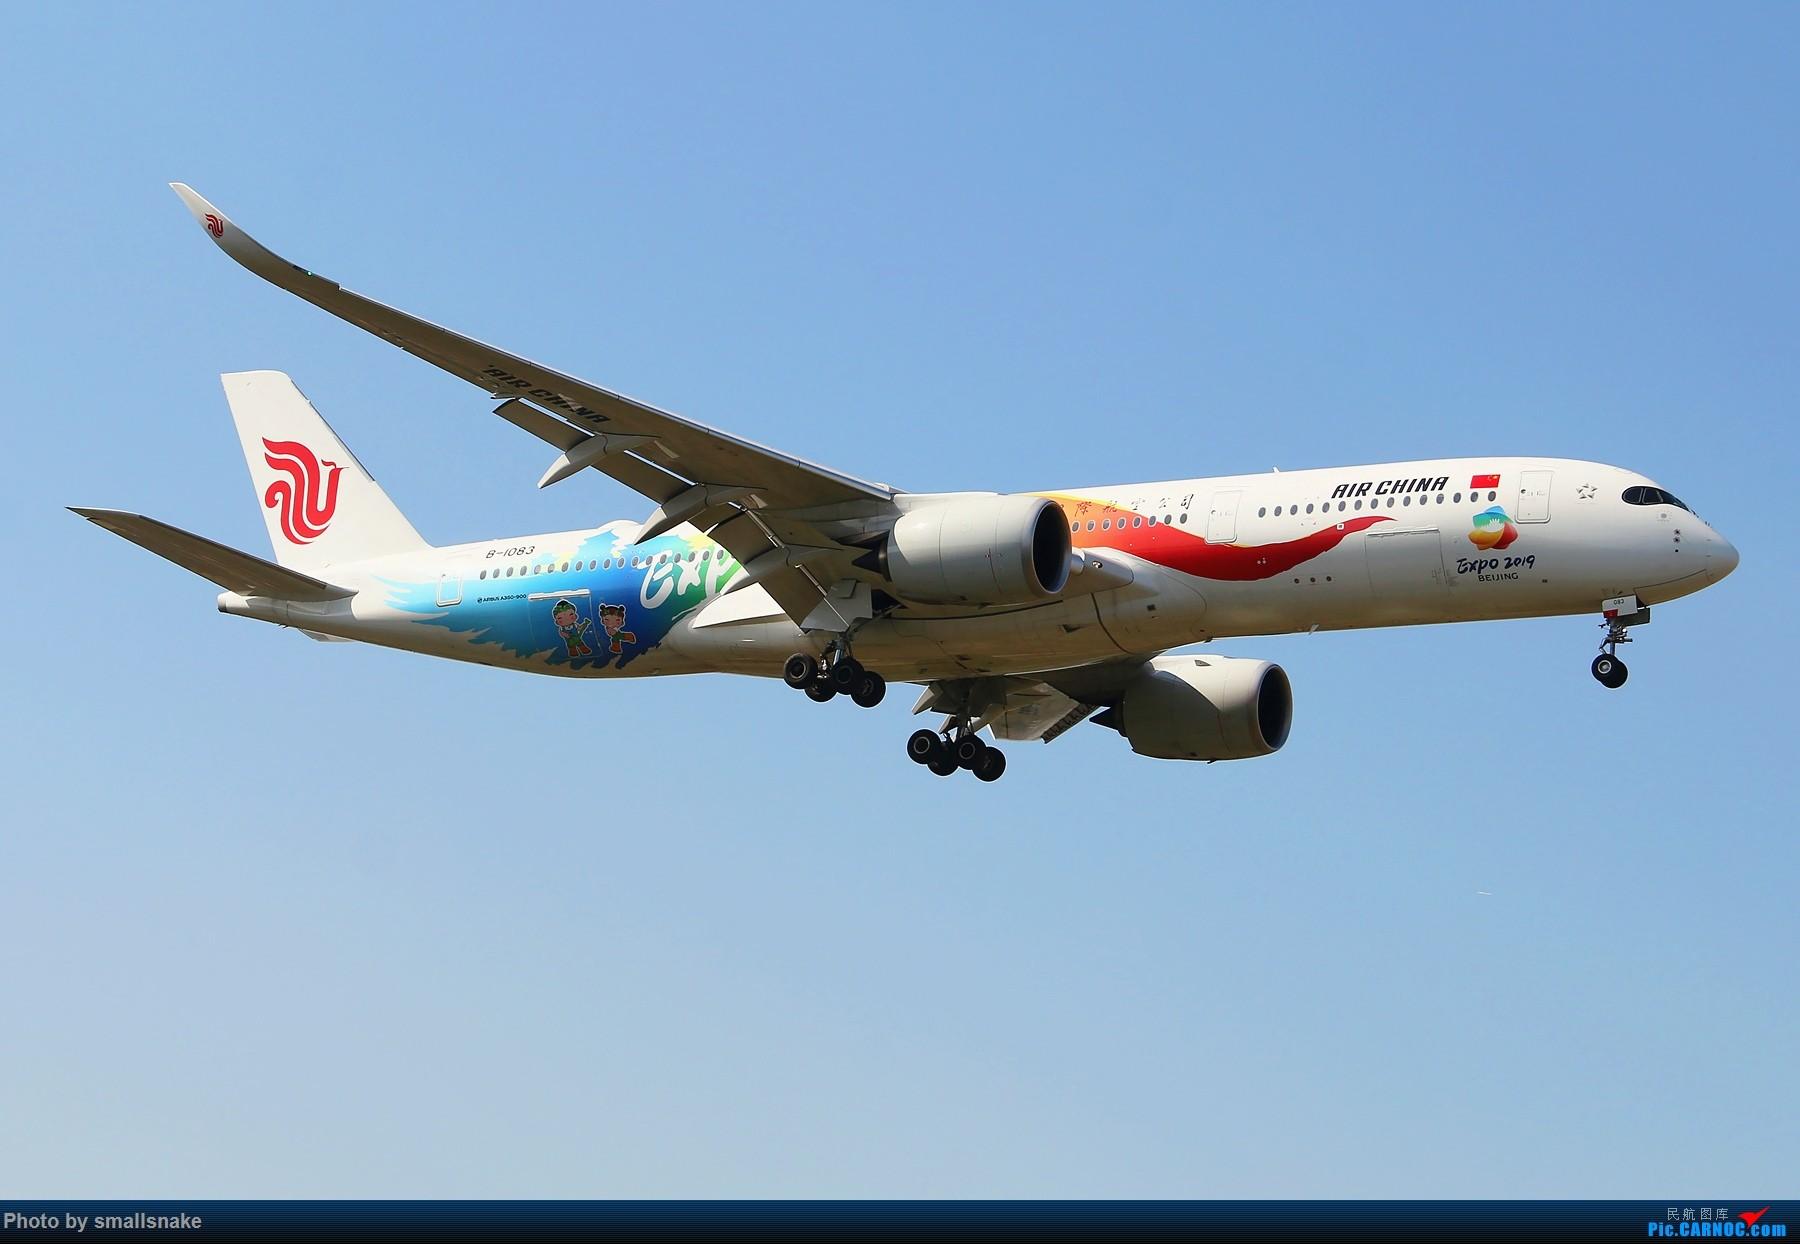 [原创]机压图,CAN拍机... AIRBUS A350-900 B-1083 广州白云国际机场